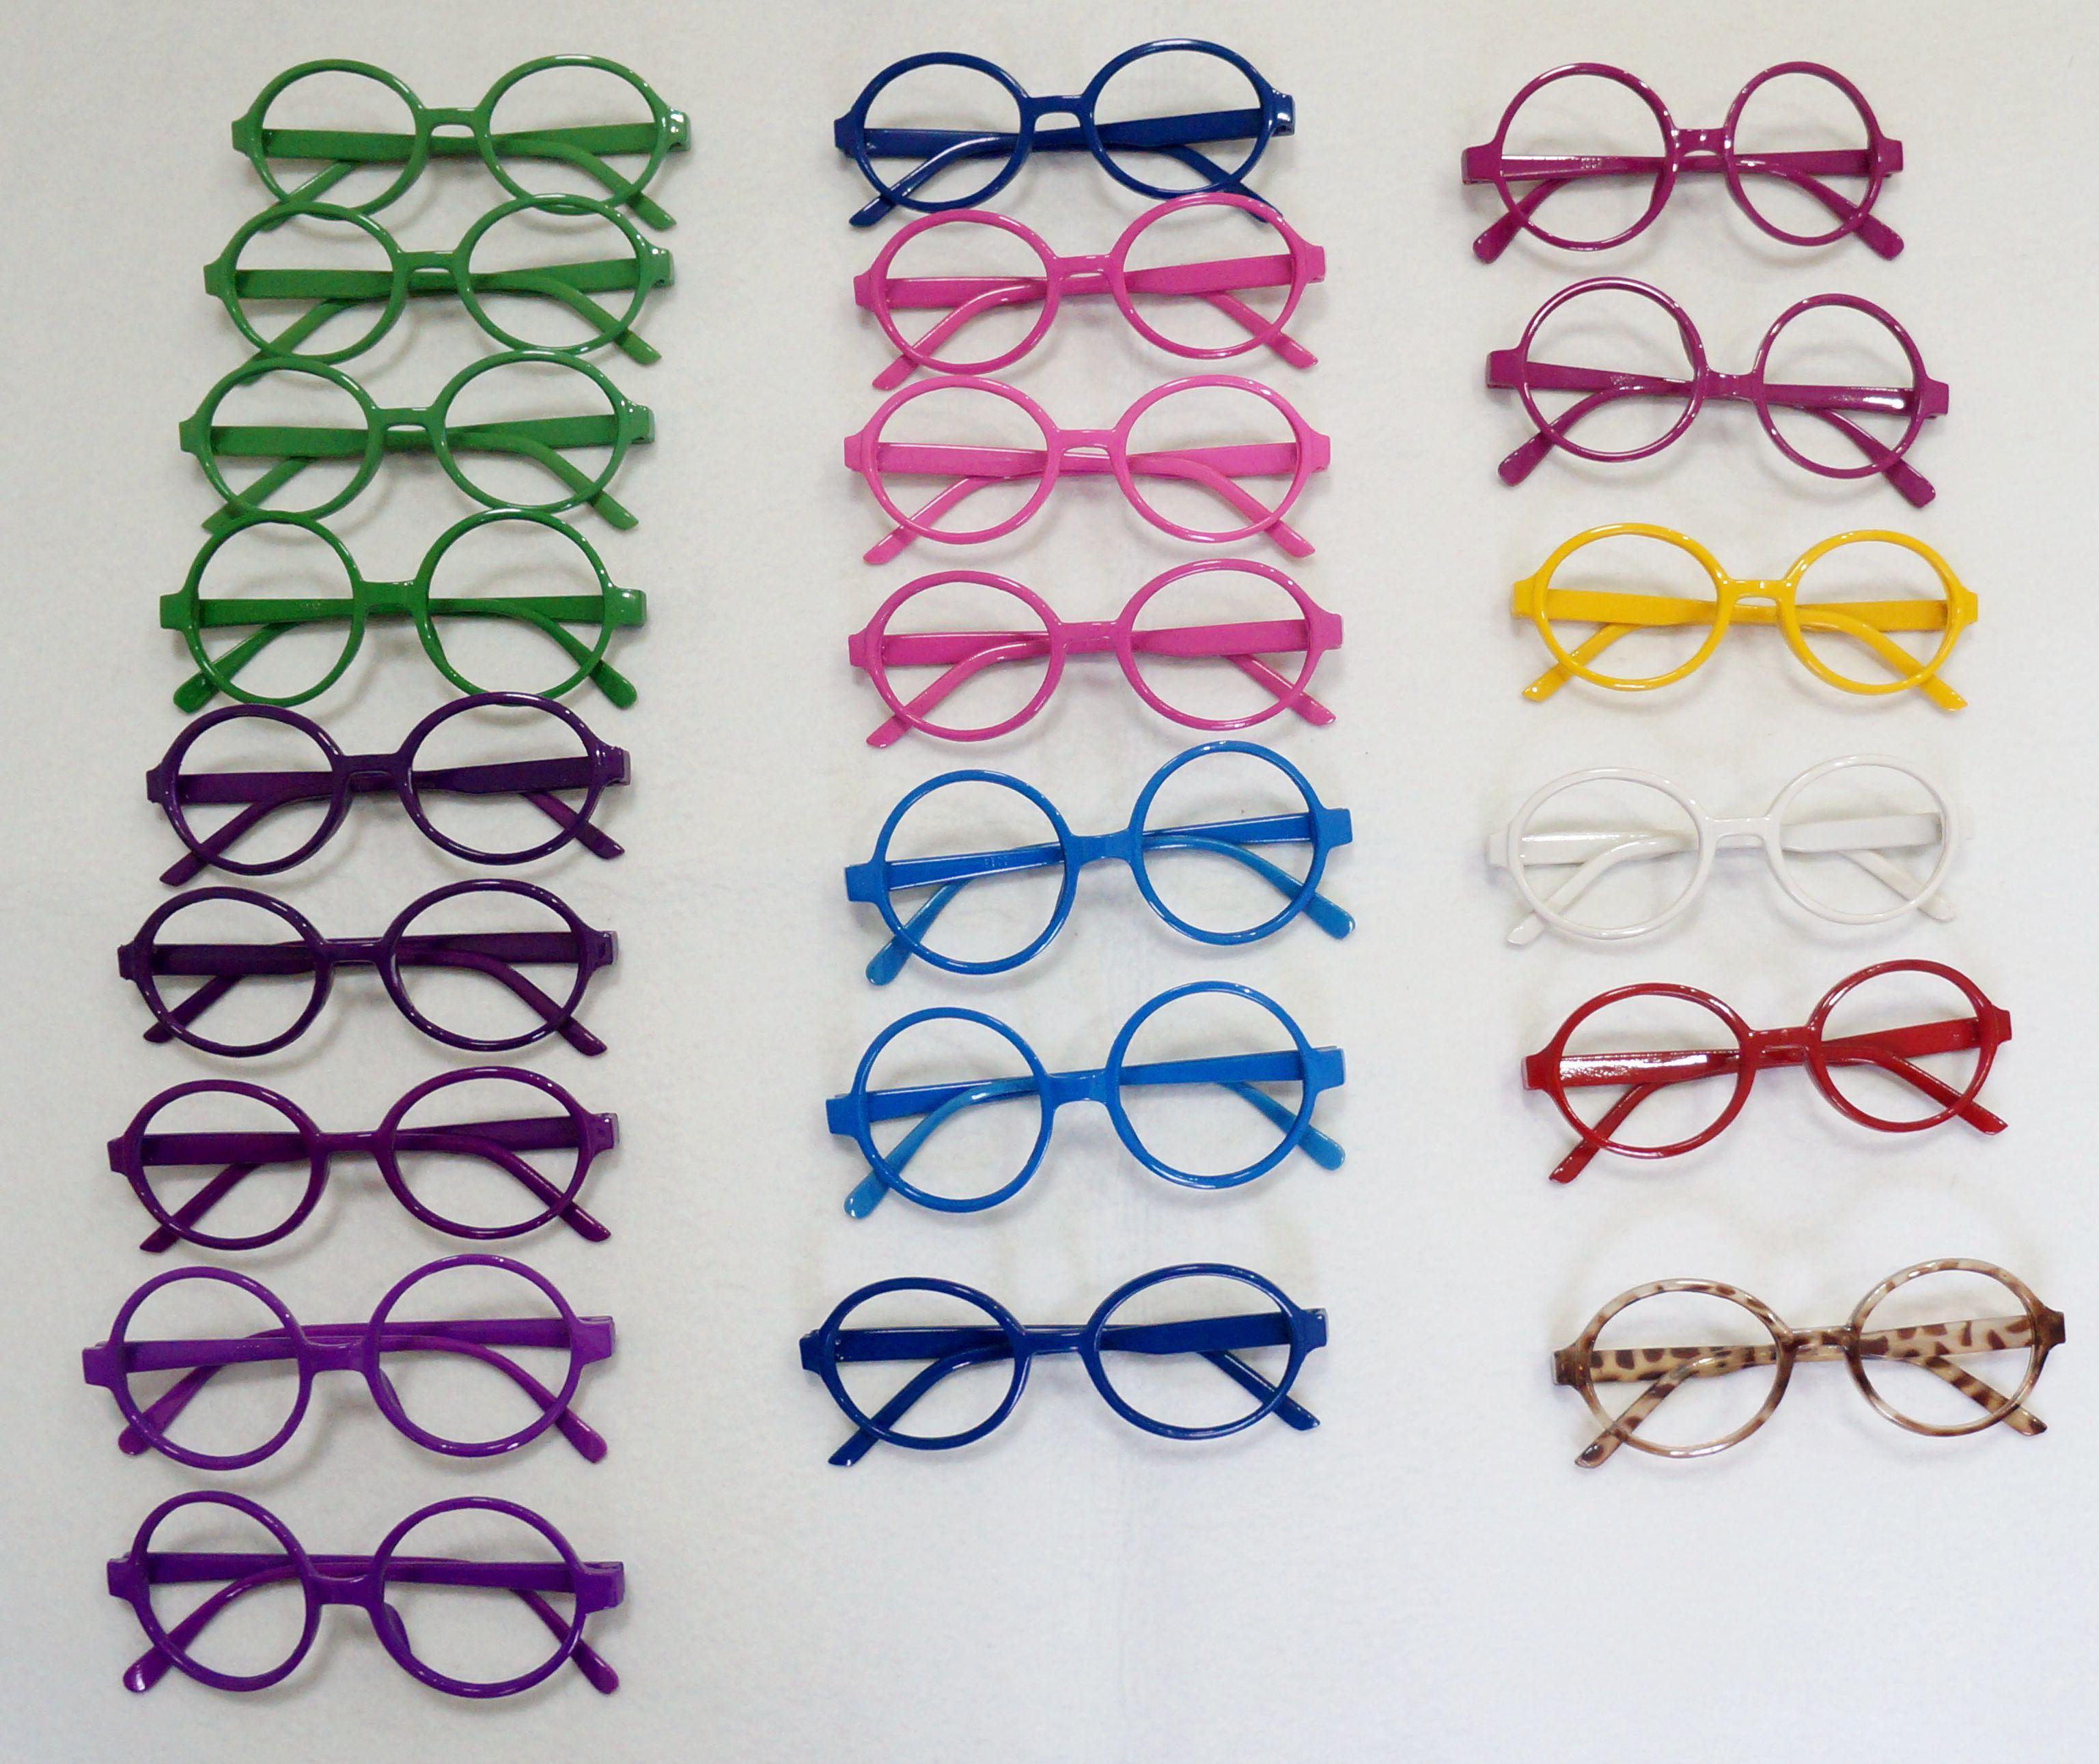 0e70d43b9a3 2019 Children Plastic Glasses Frame Retro Fashion Kids Eyeglasses No Glass No  Lens From Wang xianghua